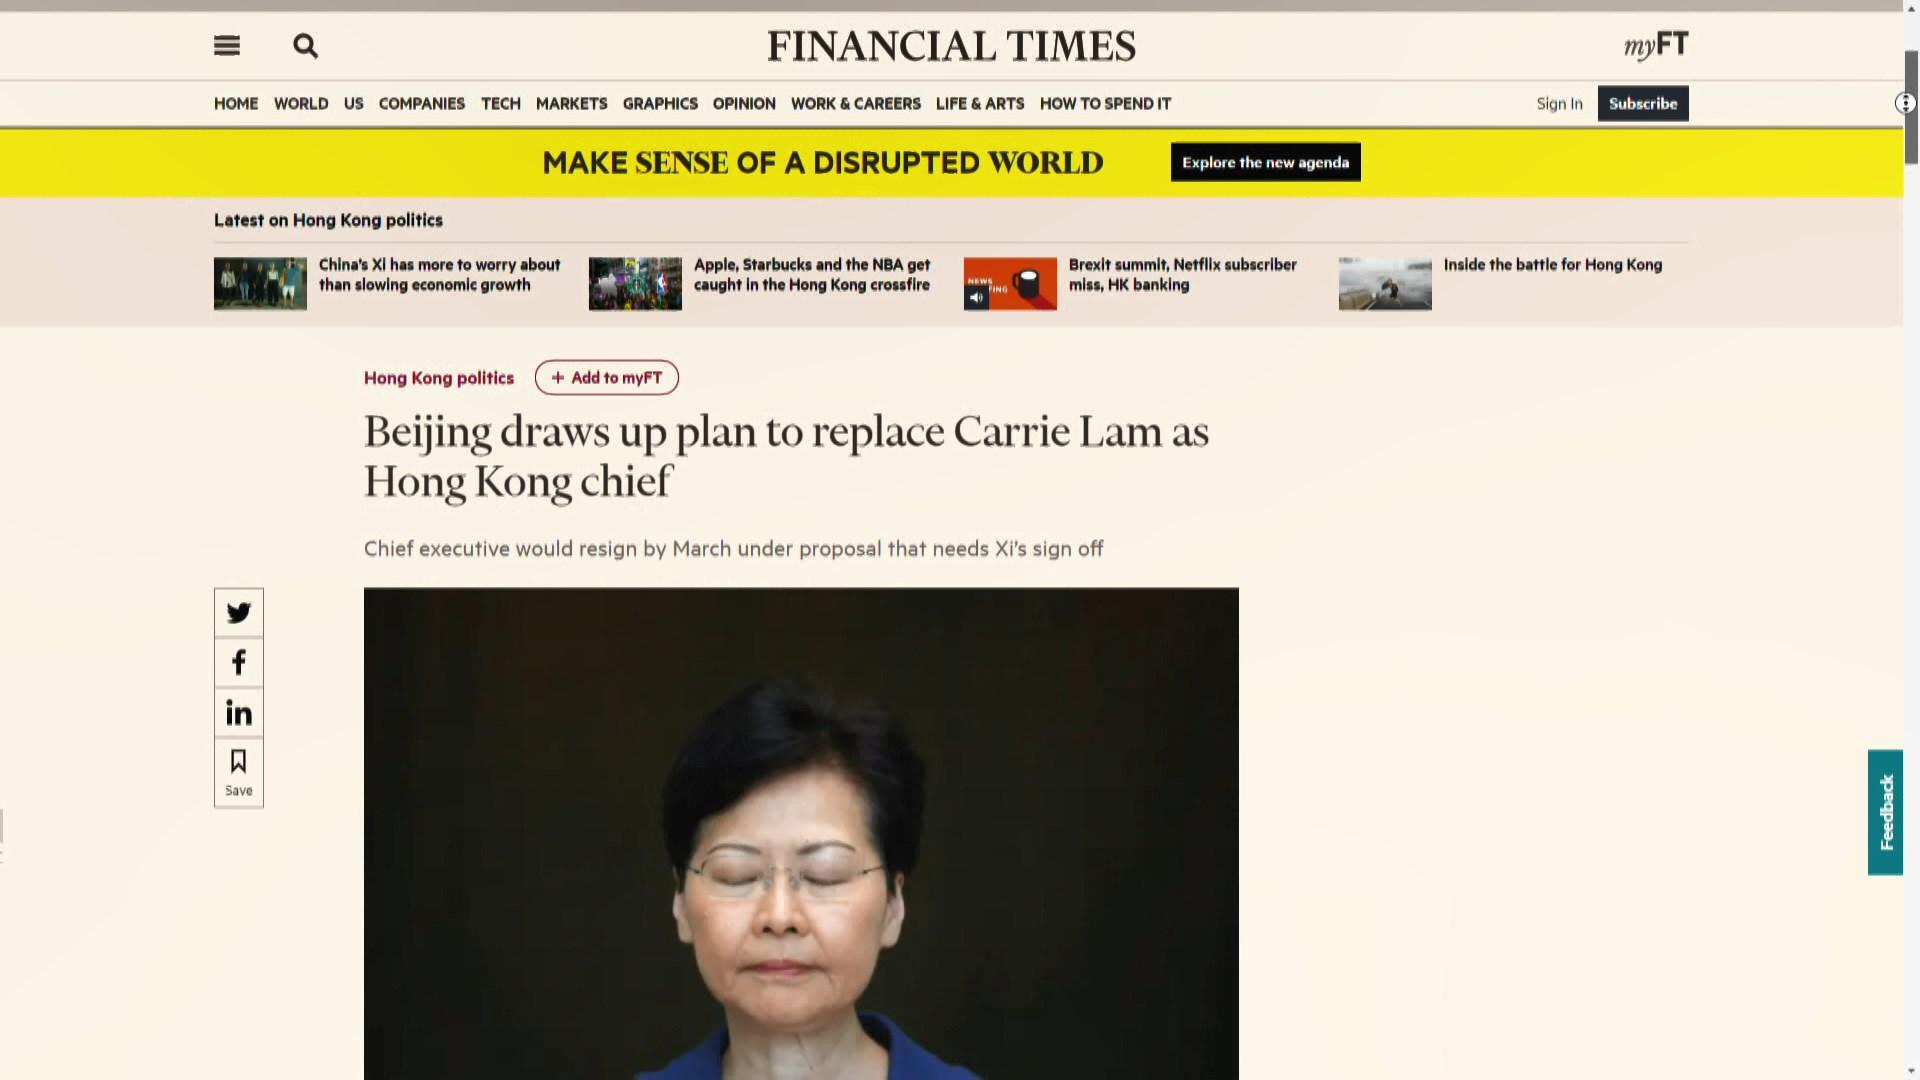 《金融時報》:中央計劃任命臨時行政長官